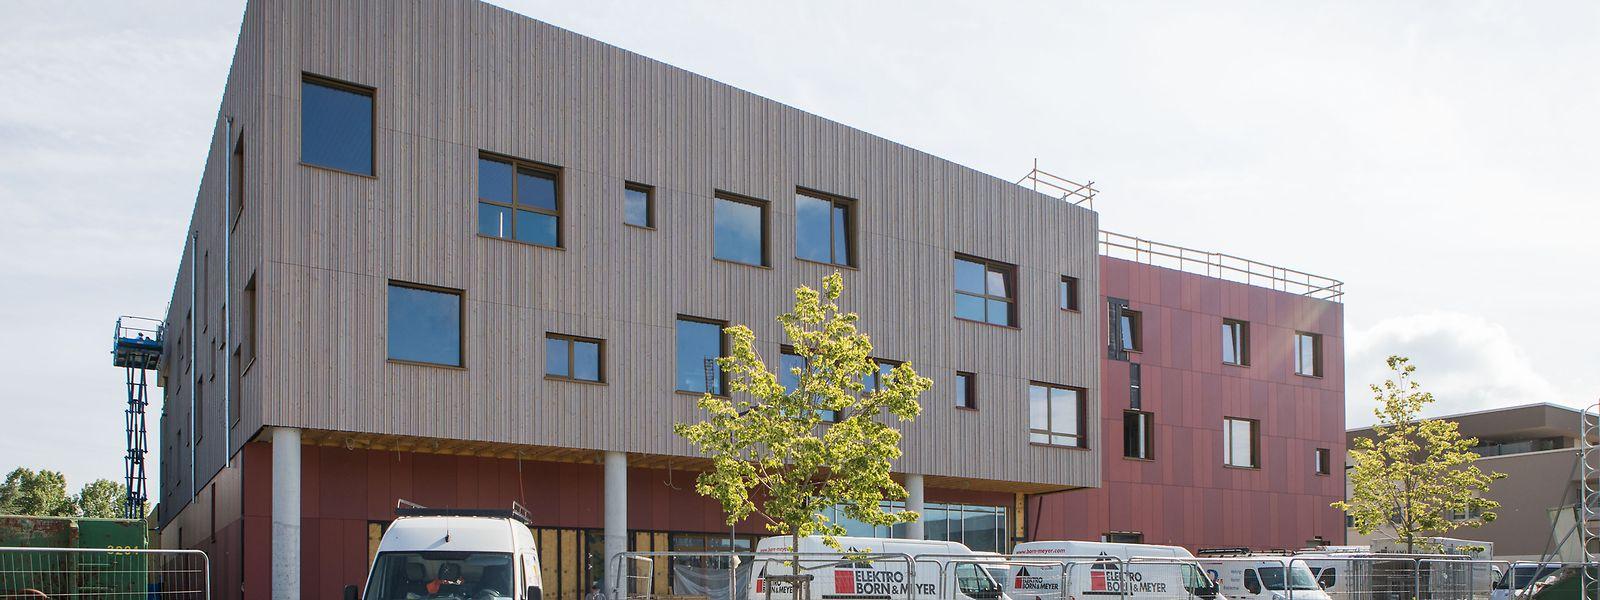 Die neue Schule Lenkeschléi im gleichnamigen Düdelinger Stadtteil schafft Raum für neue Arbeitsformen. Konzipiert wurde das Gebäude vom Architektenbüro Decker, Lammar et associés.